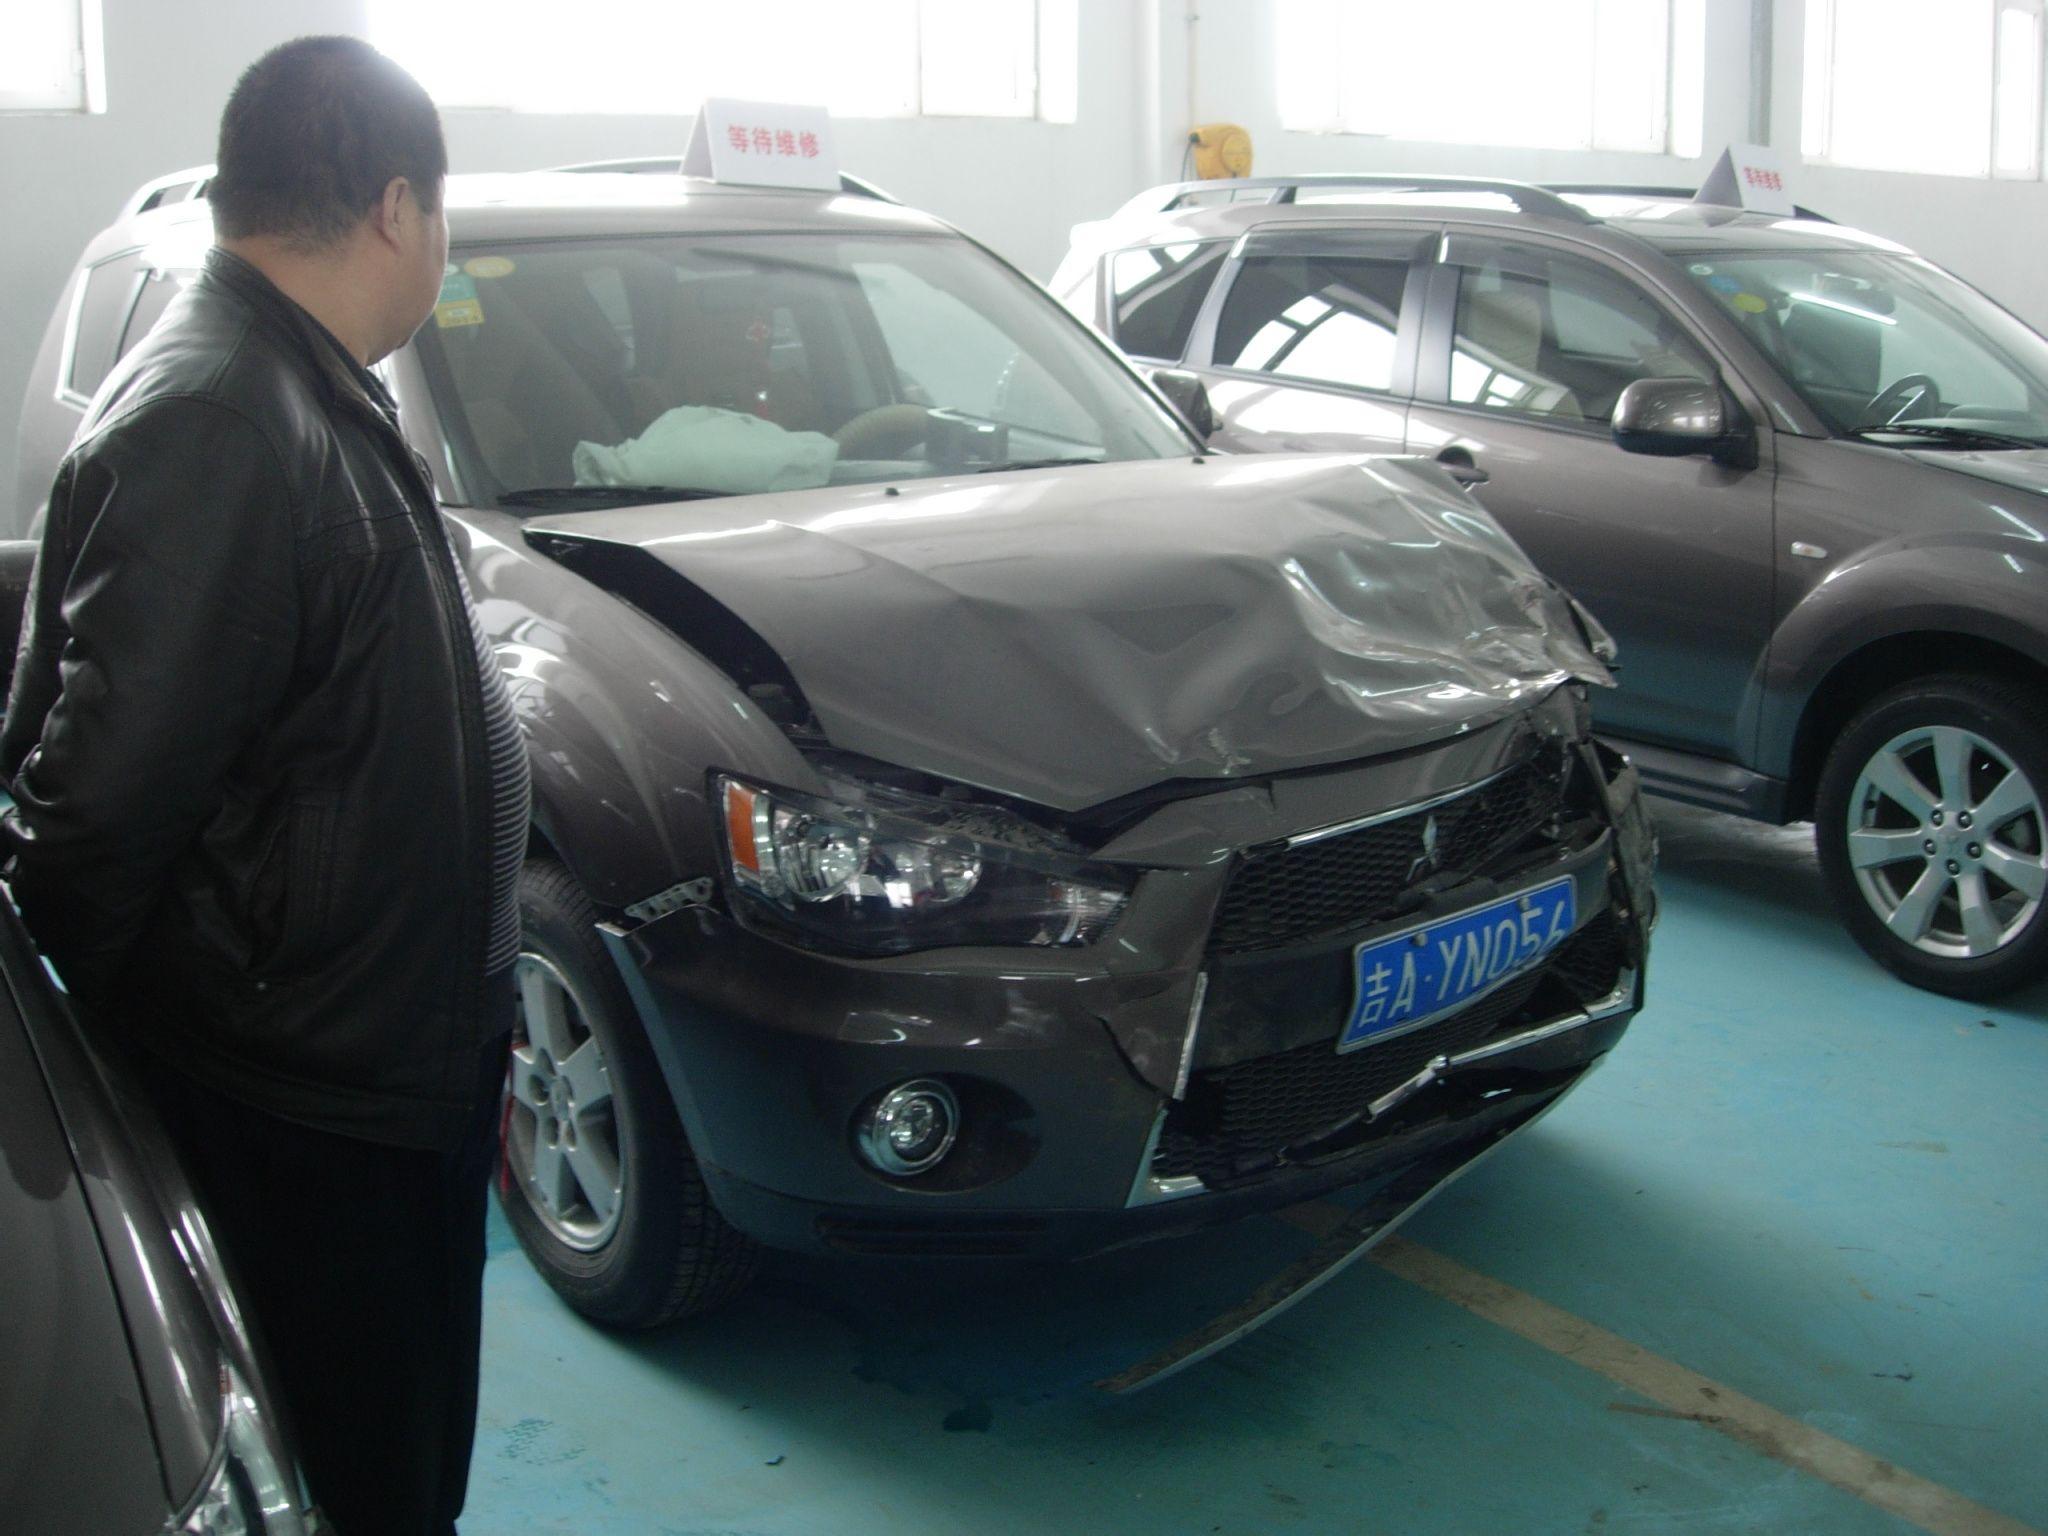 交通事故车辆损失单方鉴定有效吗 高清图片